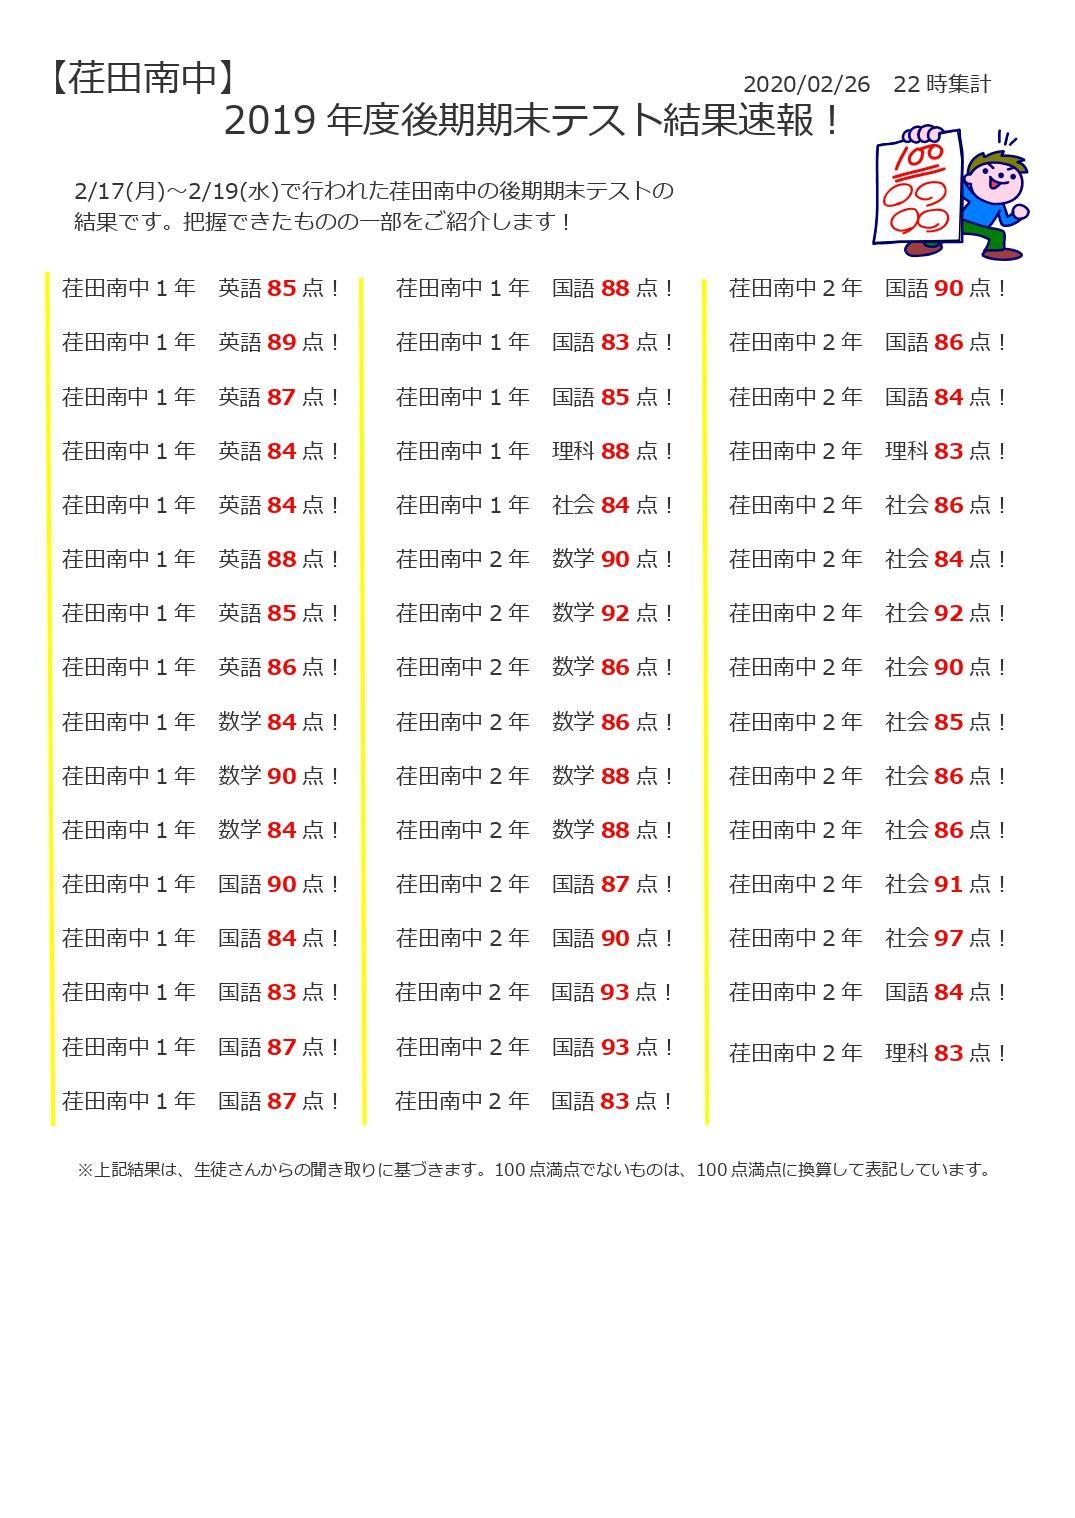 【荏田南】2019後期中間→2019後期期末_page-0001 (1).jpg